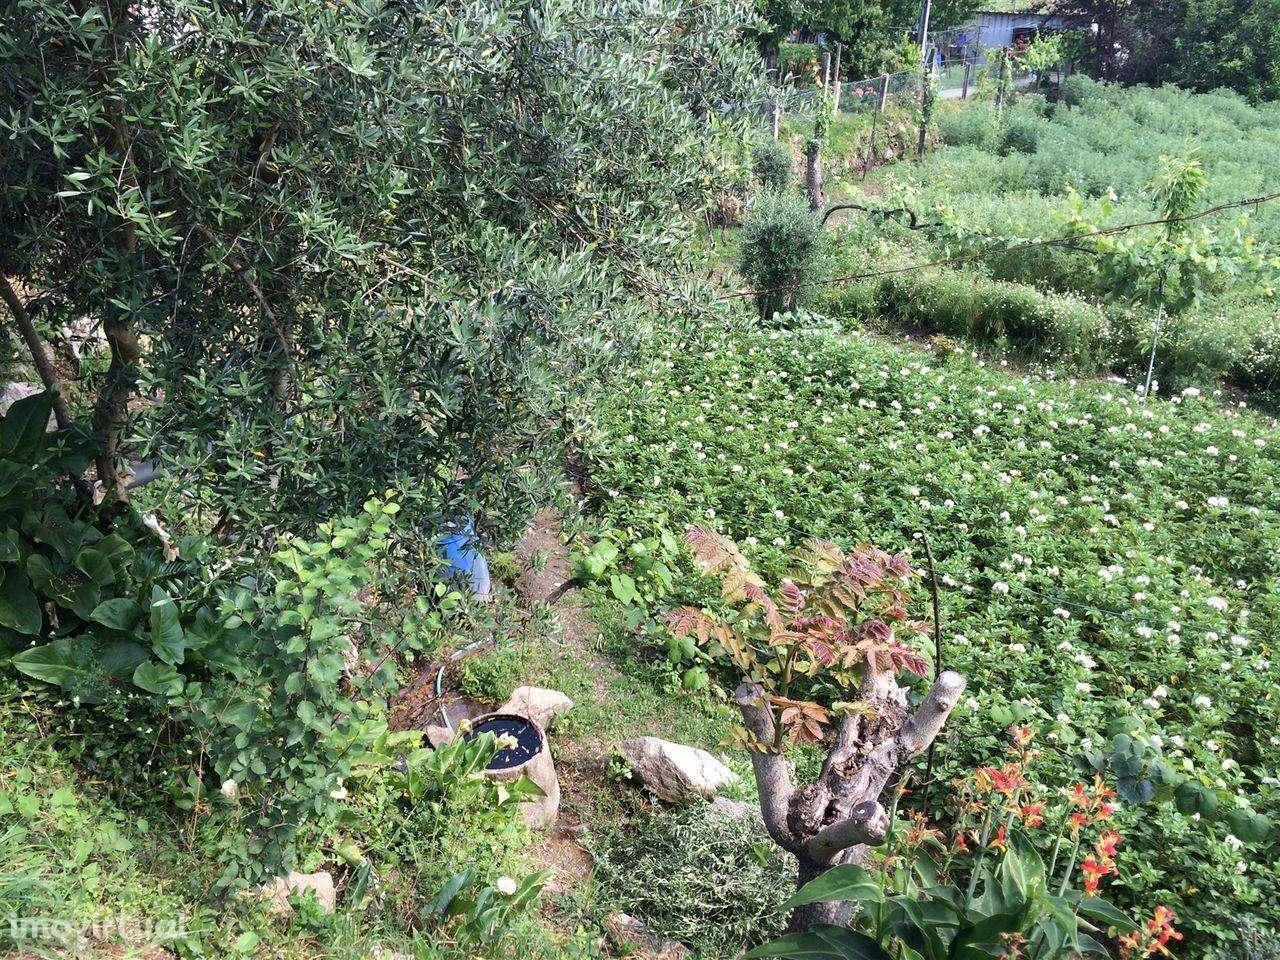 Terreno para comprar, Sande, Vilarinho, Barros e Gomide, Braga - Foto 12